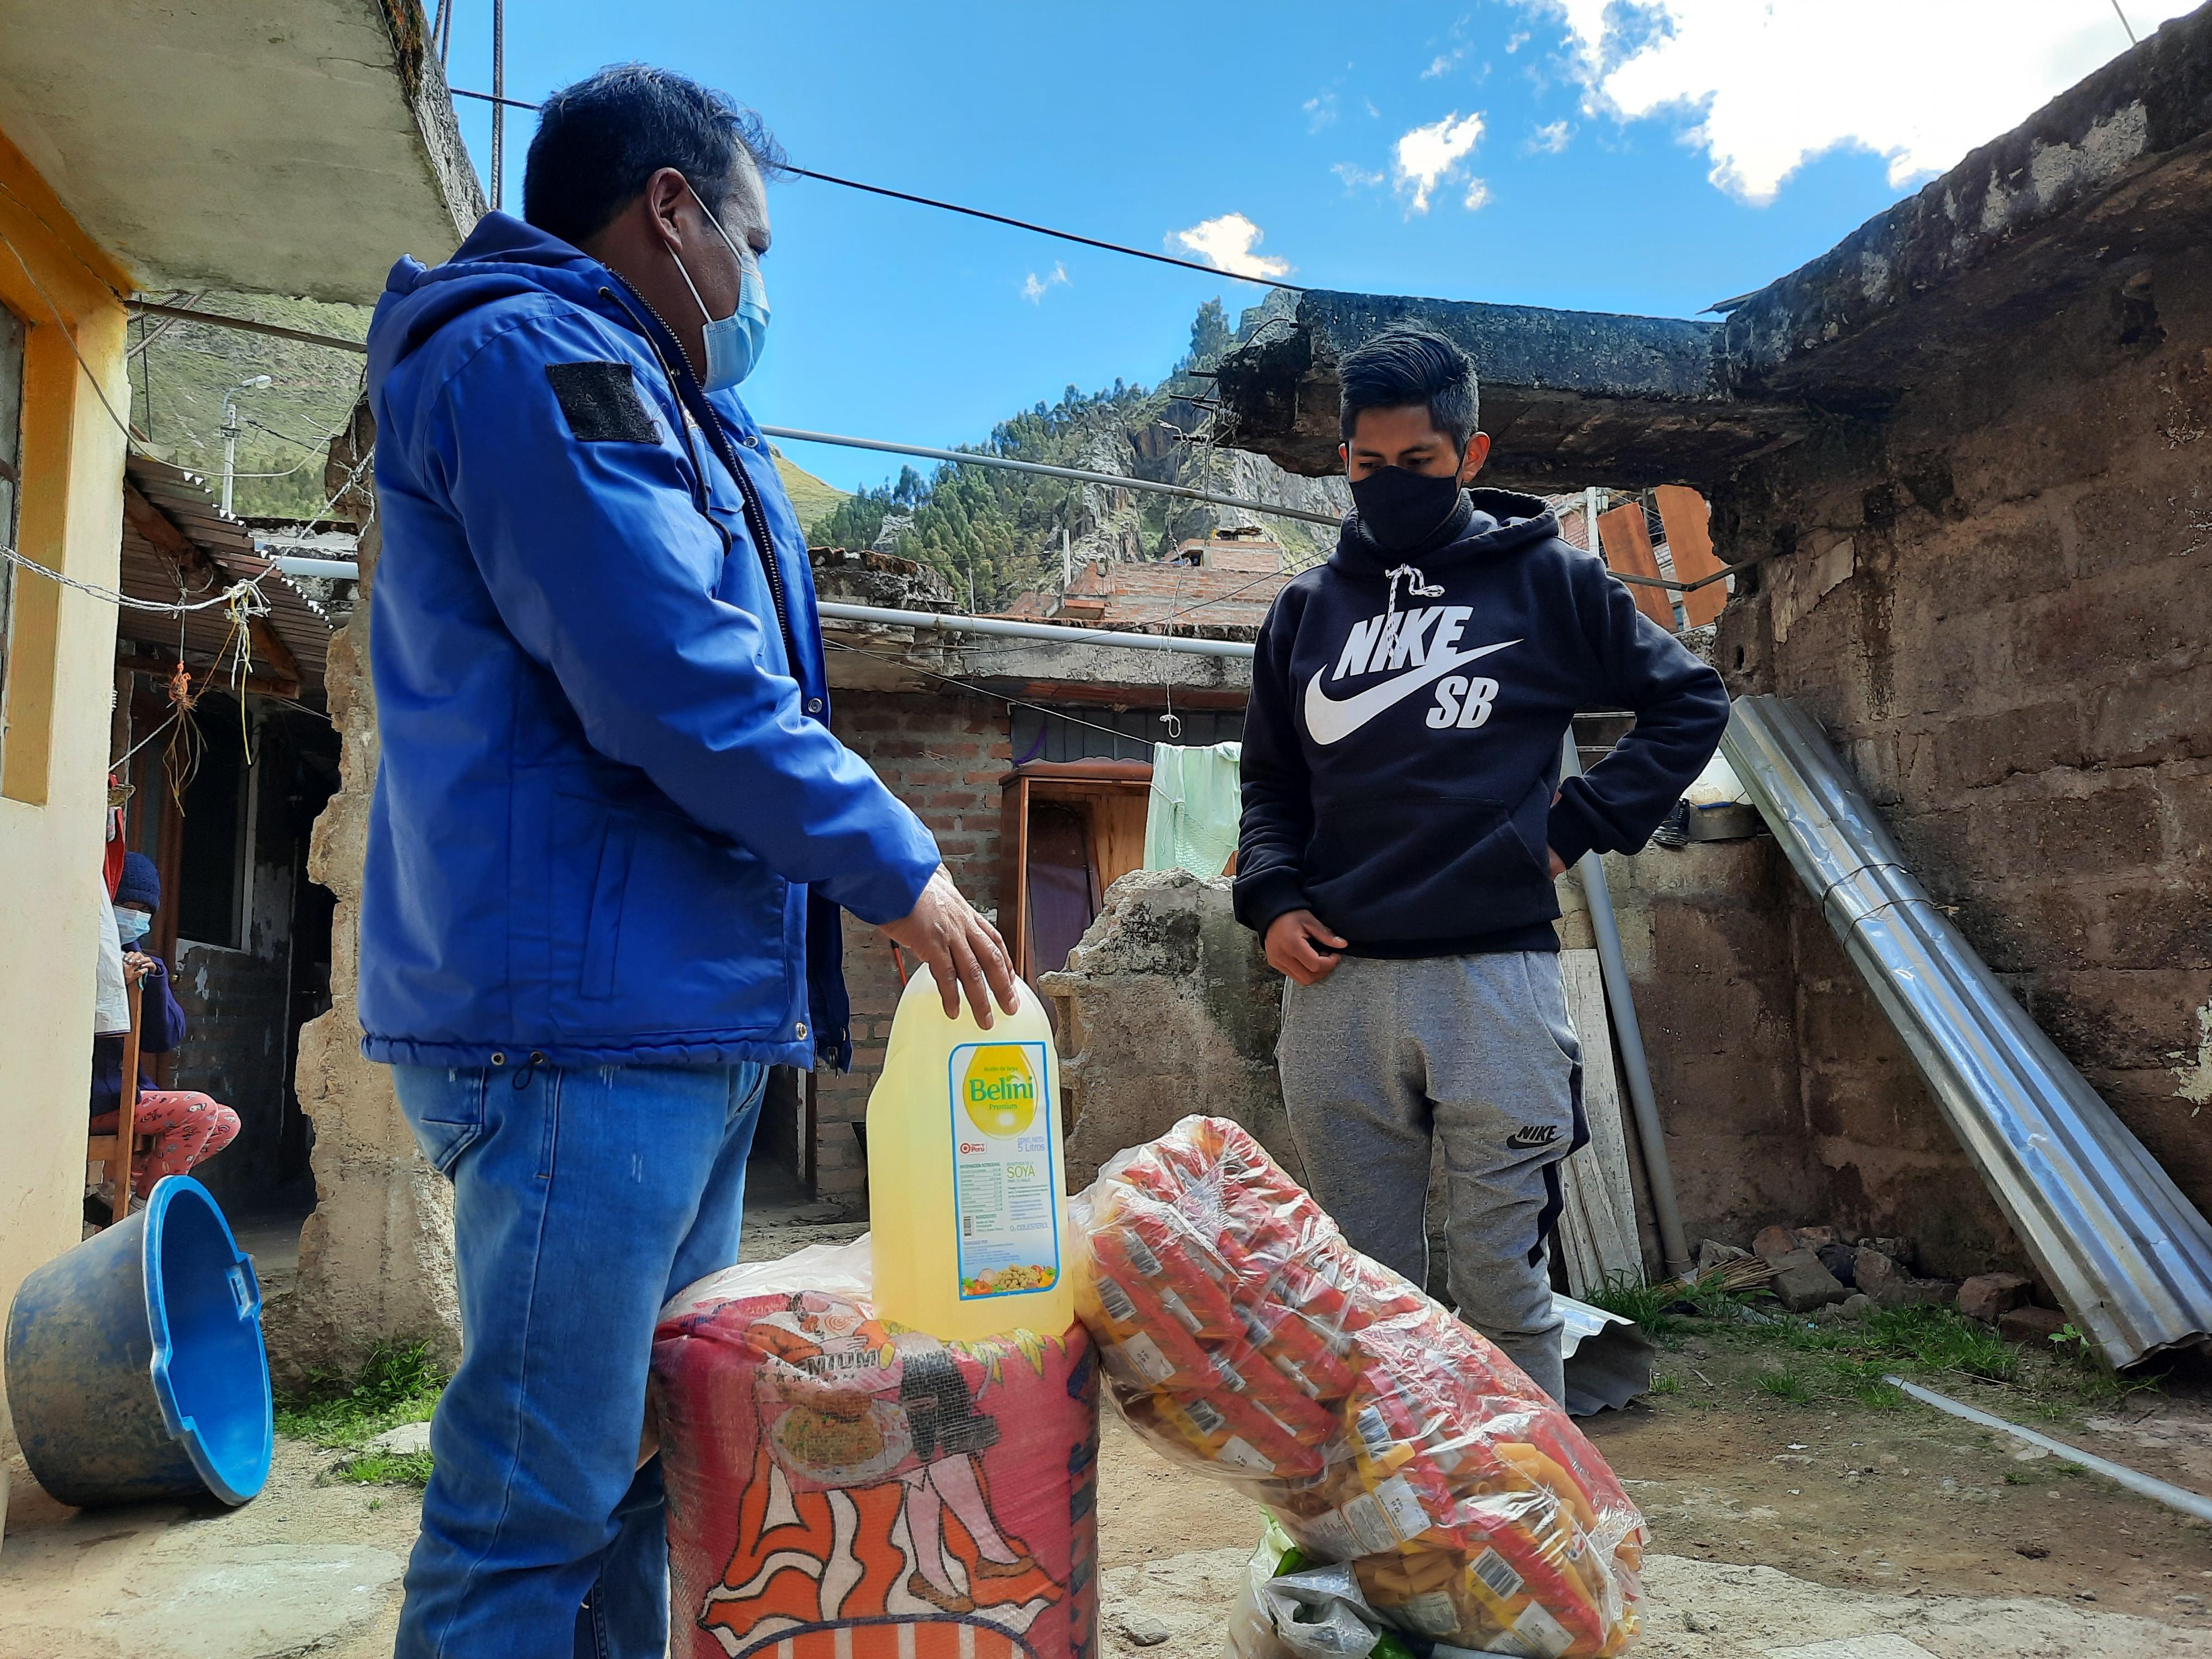 MUNICIPALIDAD PROVINCIAL DE HUANCAVELICA LLEVA APOYO A HUMILDE FAMILIA EN EL BARRIO DE SAN CRISTÓBAL